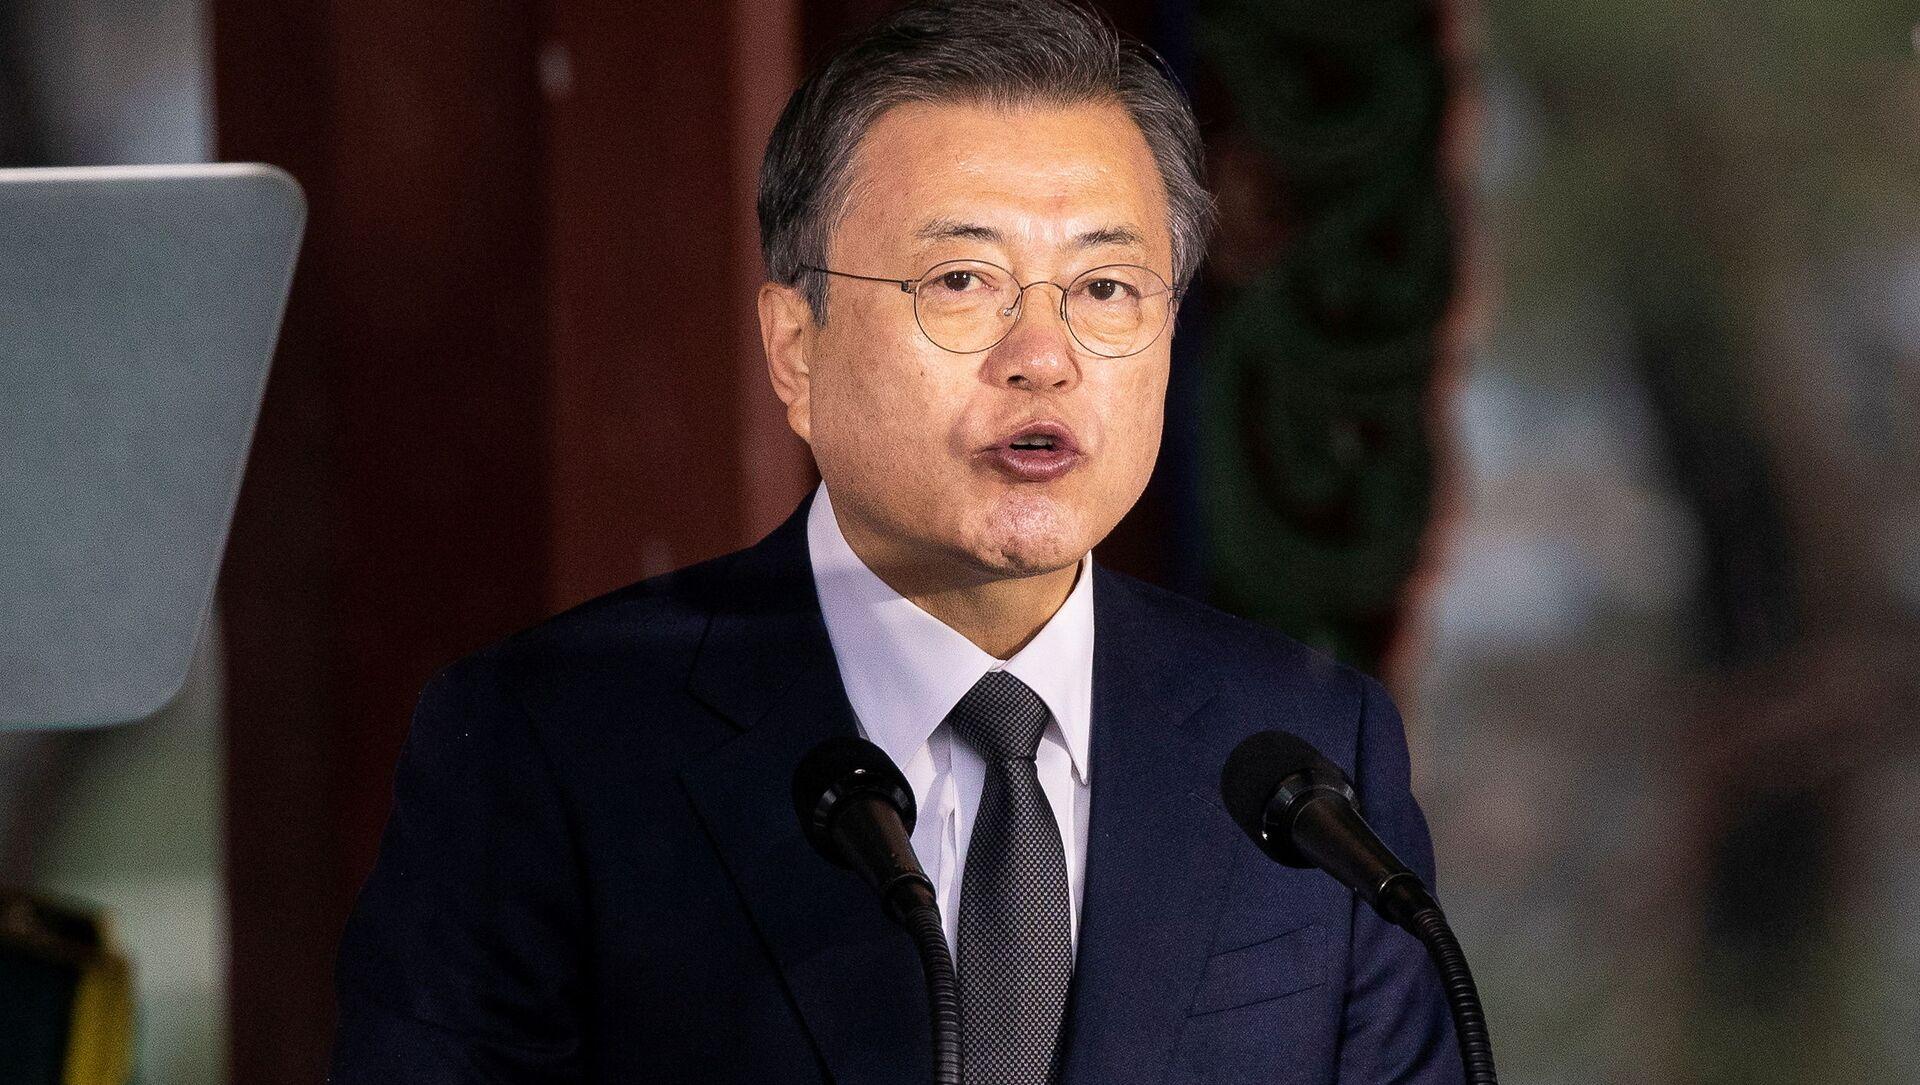 Tổng thống Hàn Quốc Moon Jae-in. - Sputnik Việt Nam, 1920, 19.07.2021